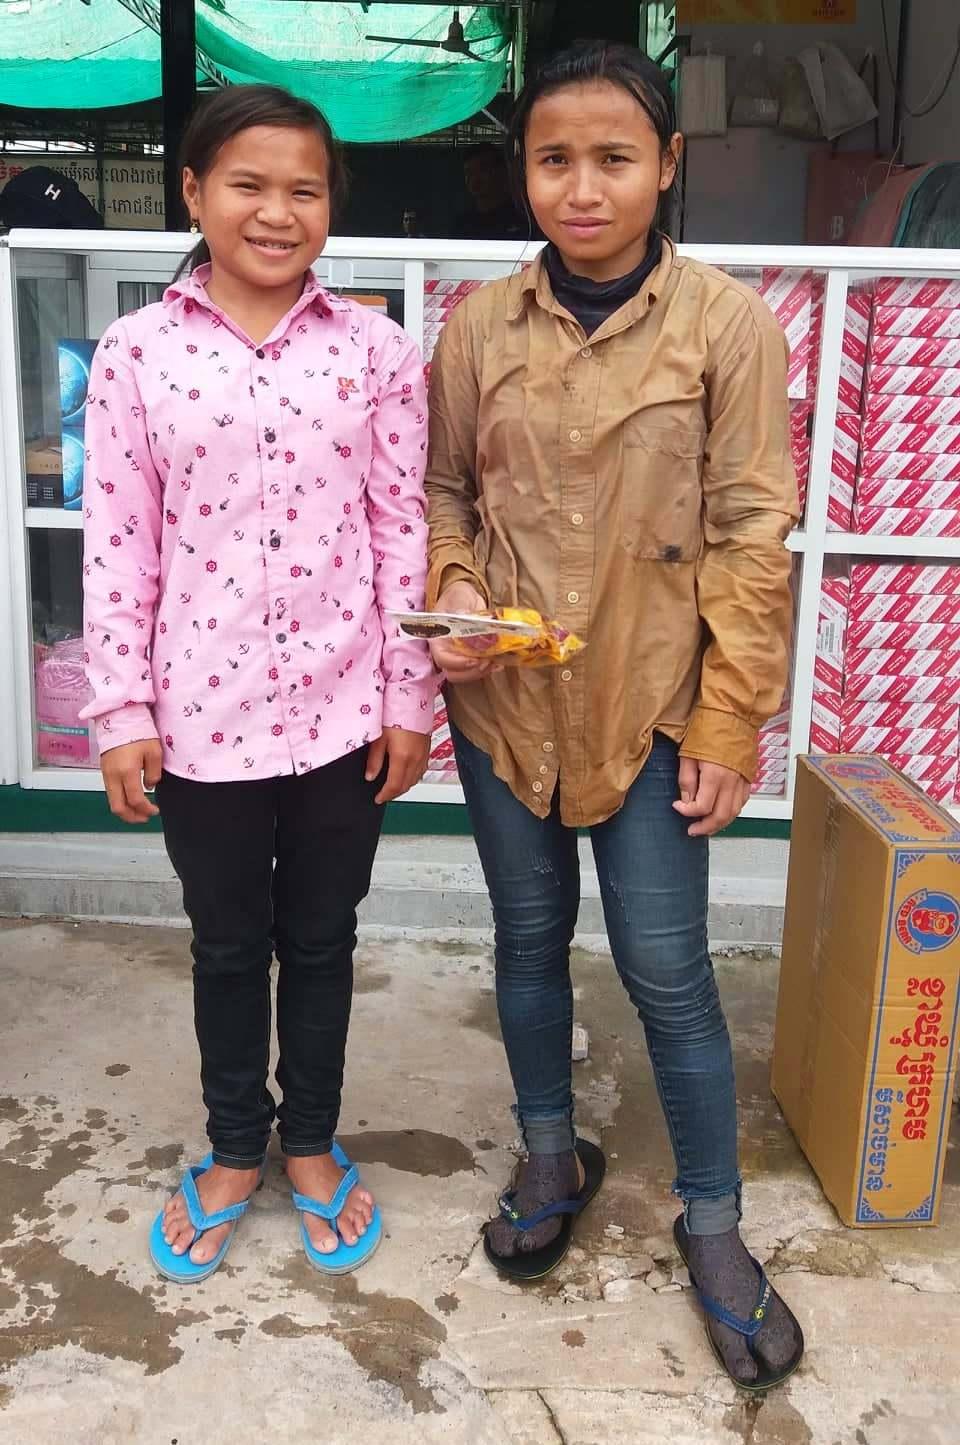 Vlevo Nicol 15 let Vpravo její sestra 22 let